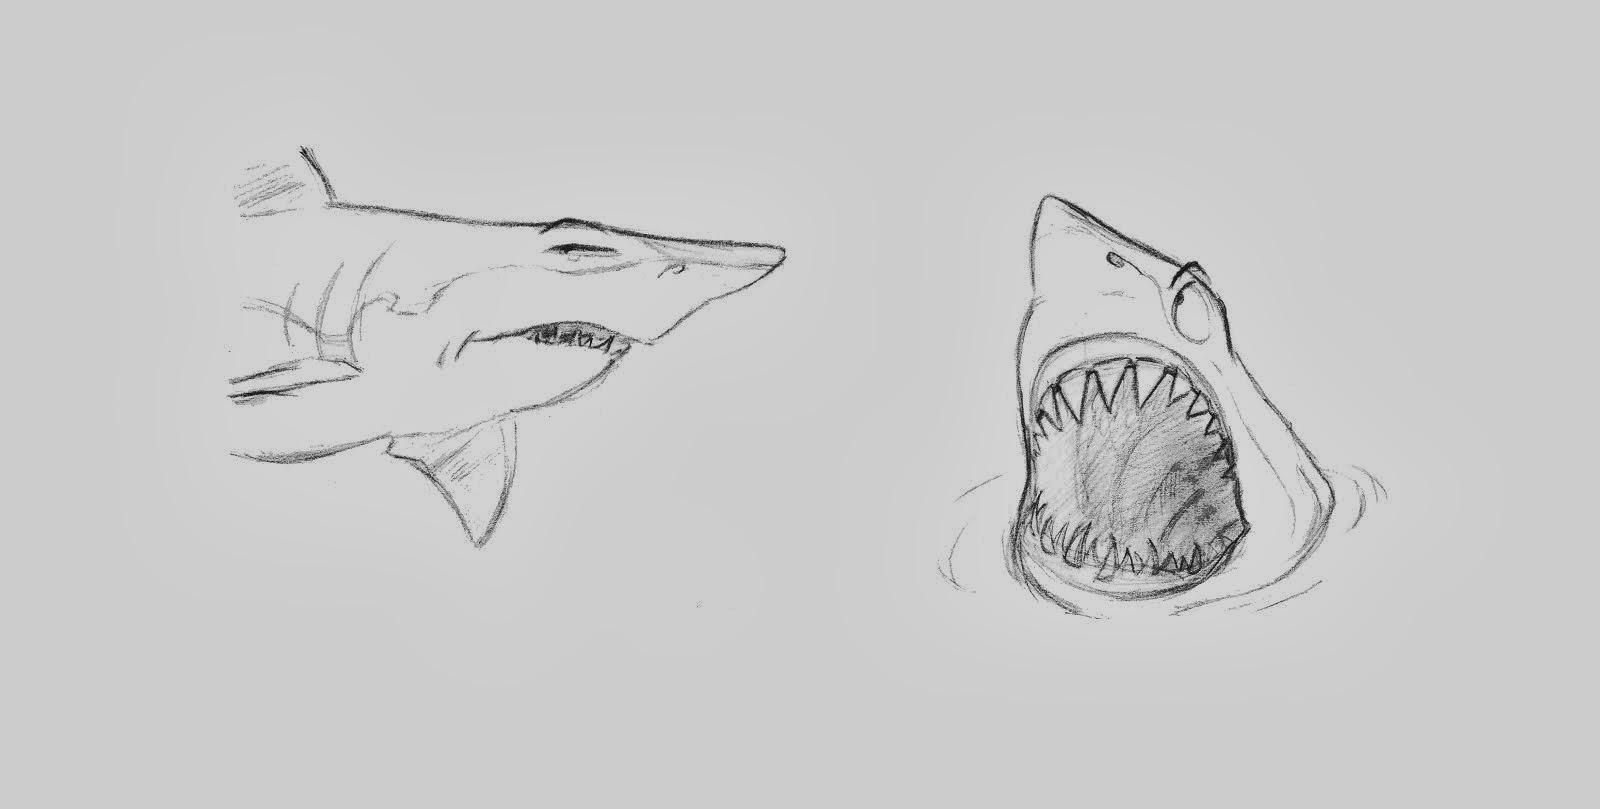 Shark design, 2012